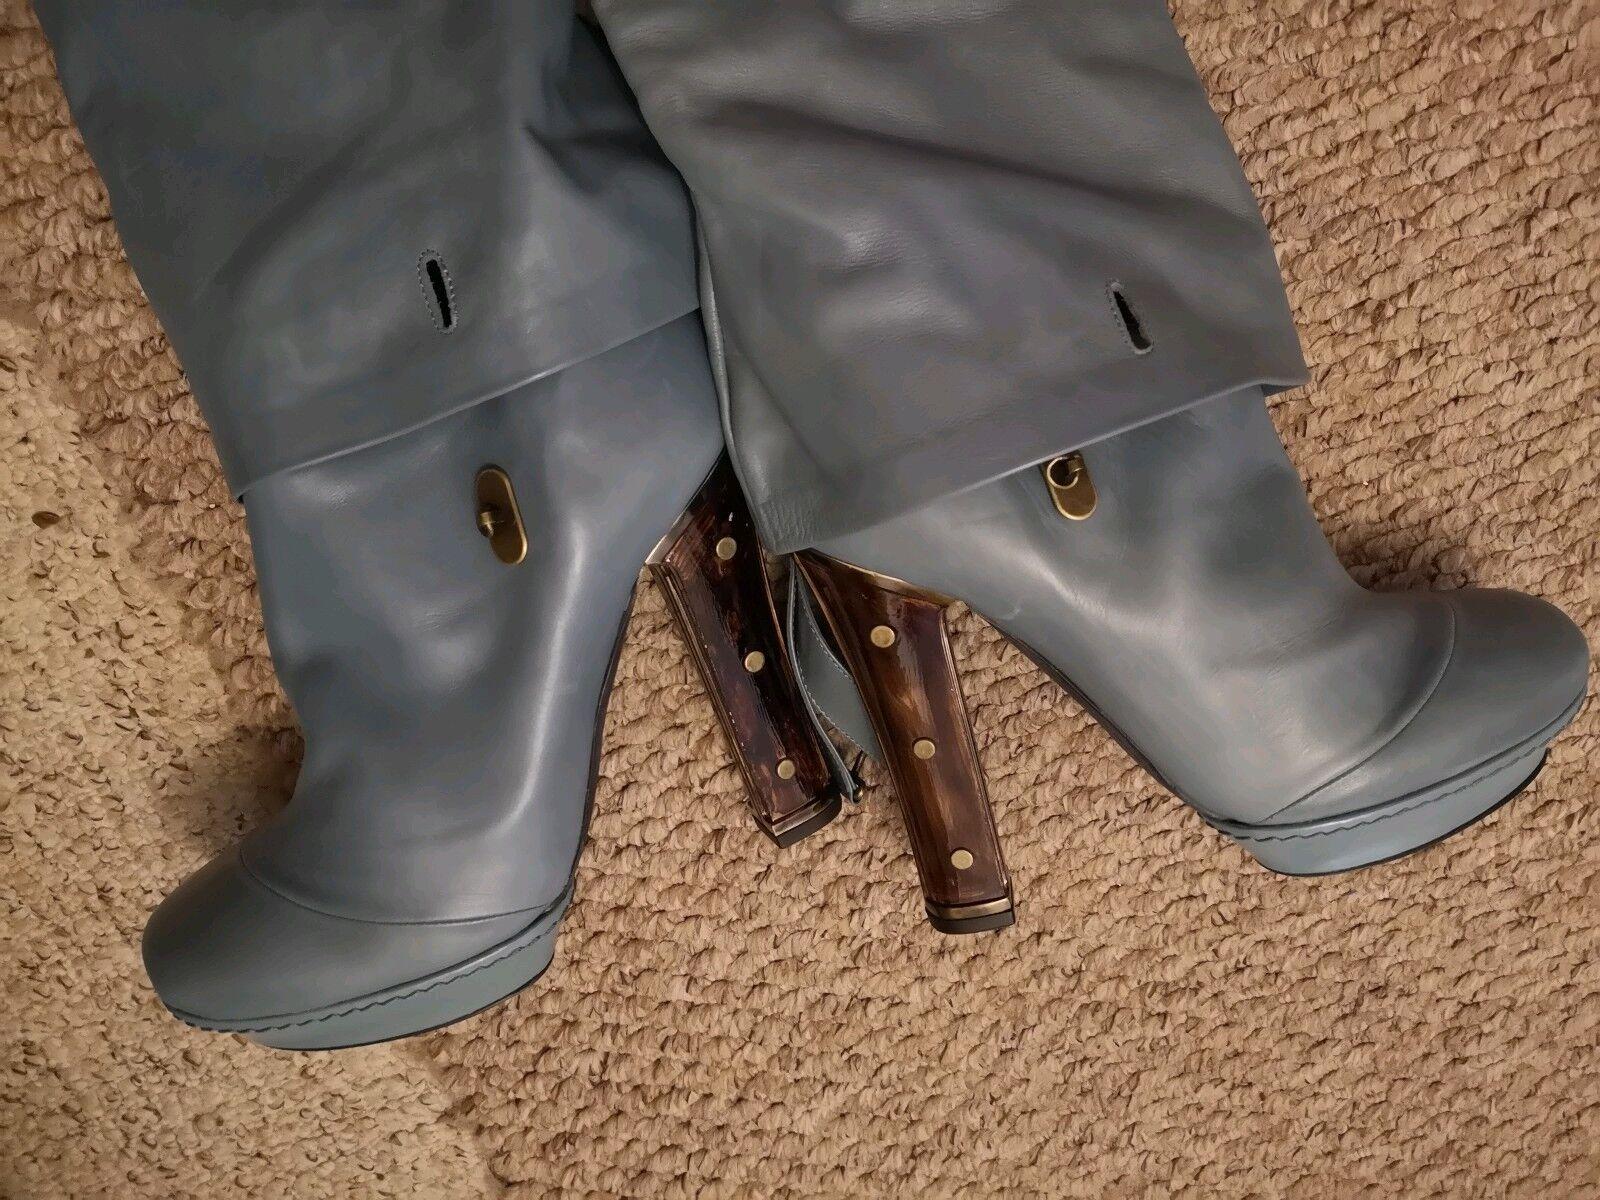 Raro @ Dior John Galliano Azul Claro (gris) Slouchy 39.5 Concha botas 39.5 Slouchy 6.5 5728e1